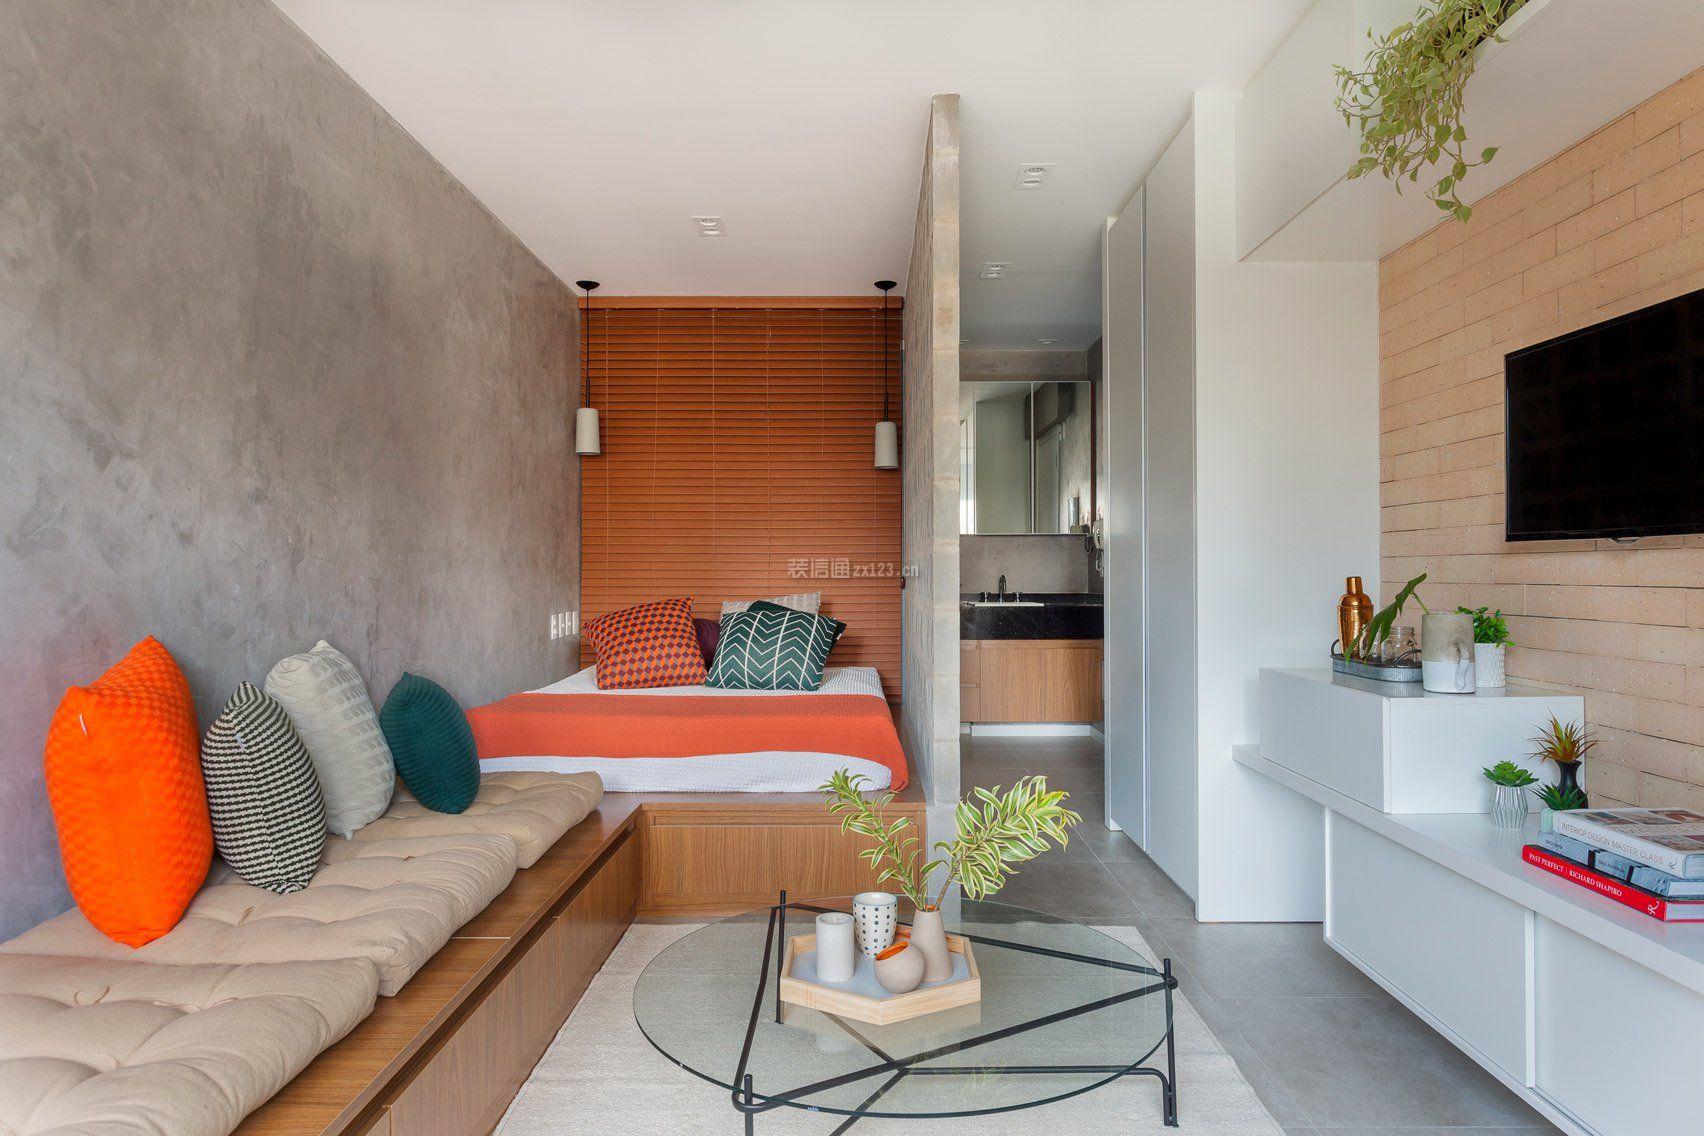 38平米小户型样板房卧室隔断墙设计图_装修123效果图